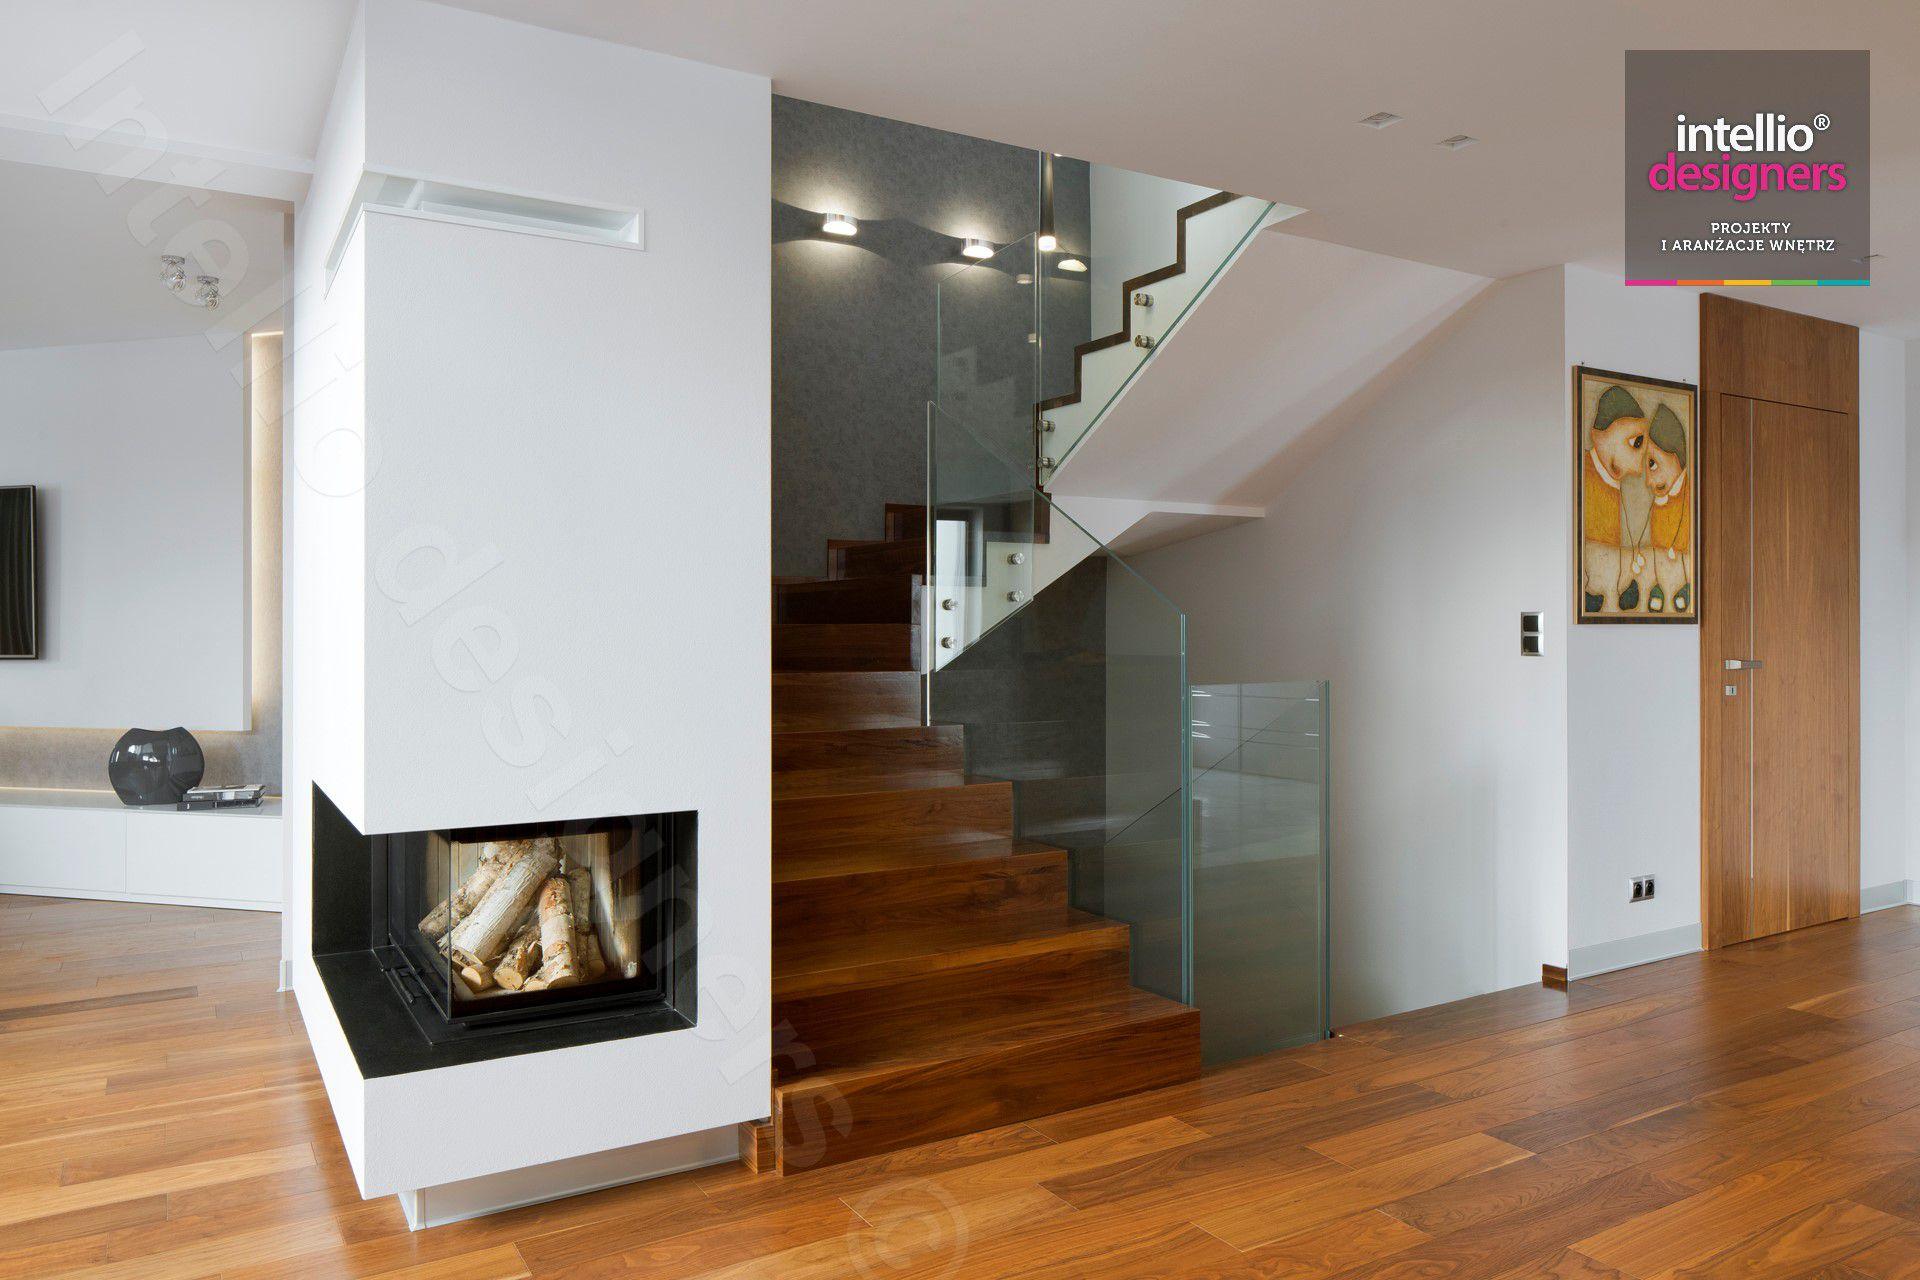 Dom w górach - Intellio designers. Architektura wnętrz, nowoczesna architektura, projekty wnętrz domów.